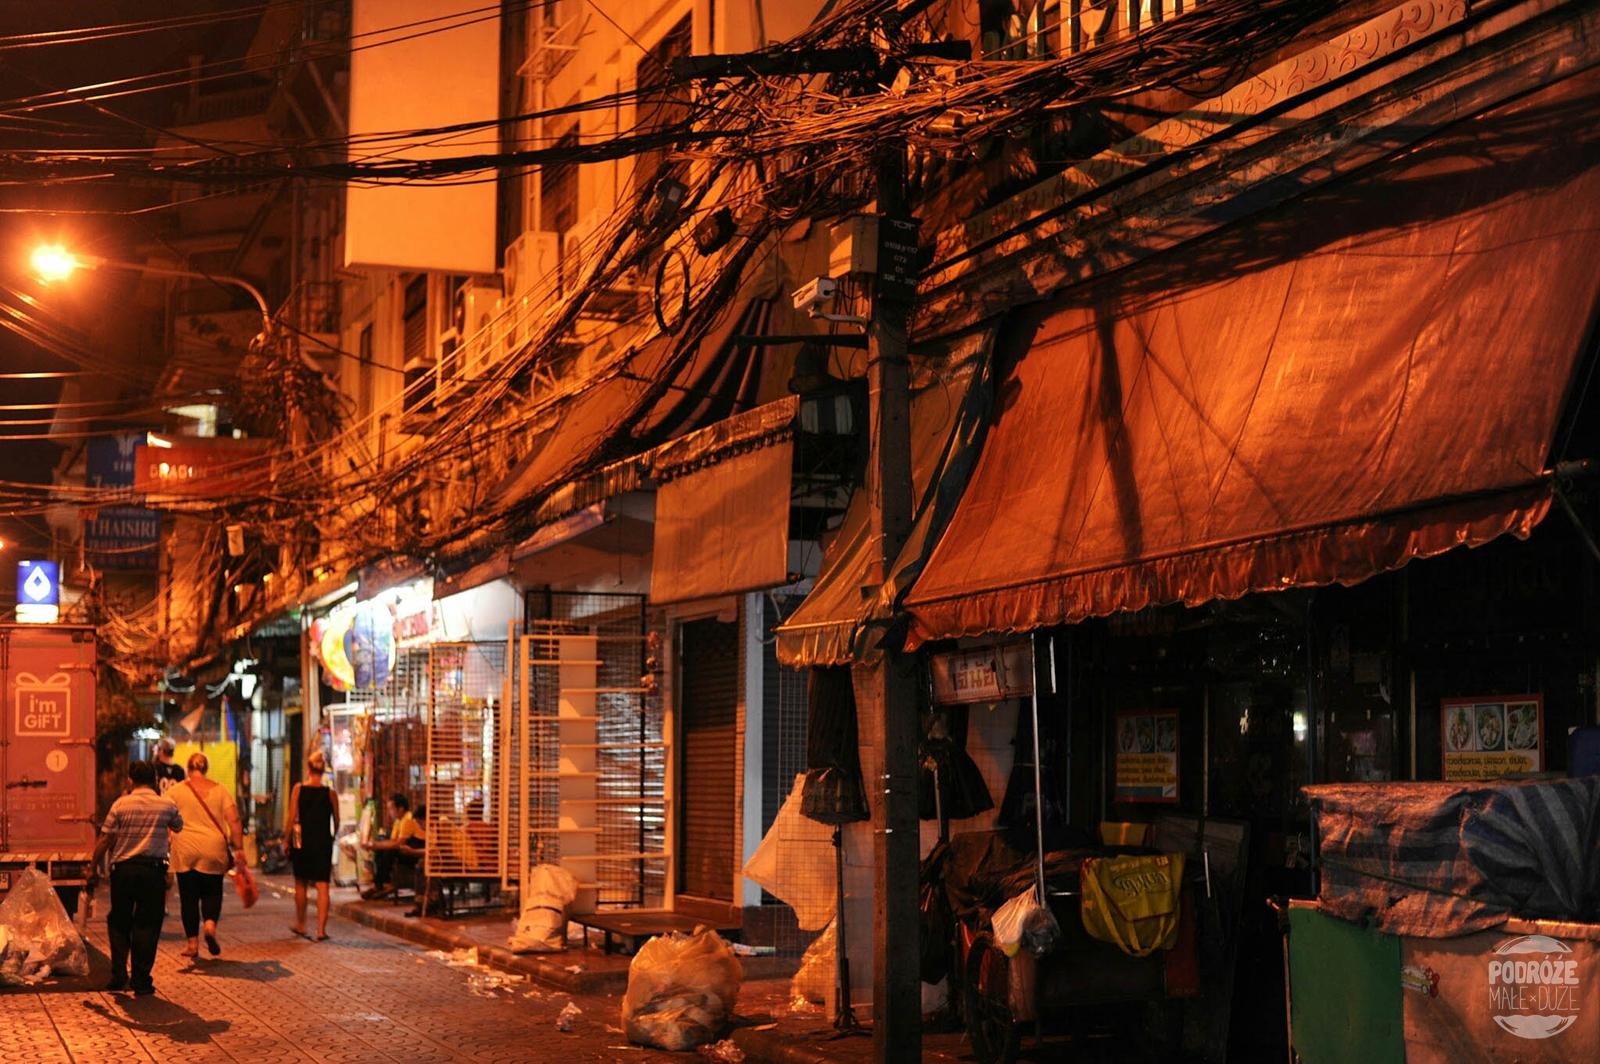 Ulica w China Town. Bangkok